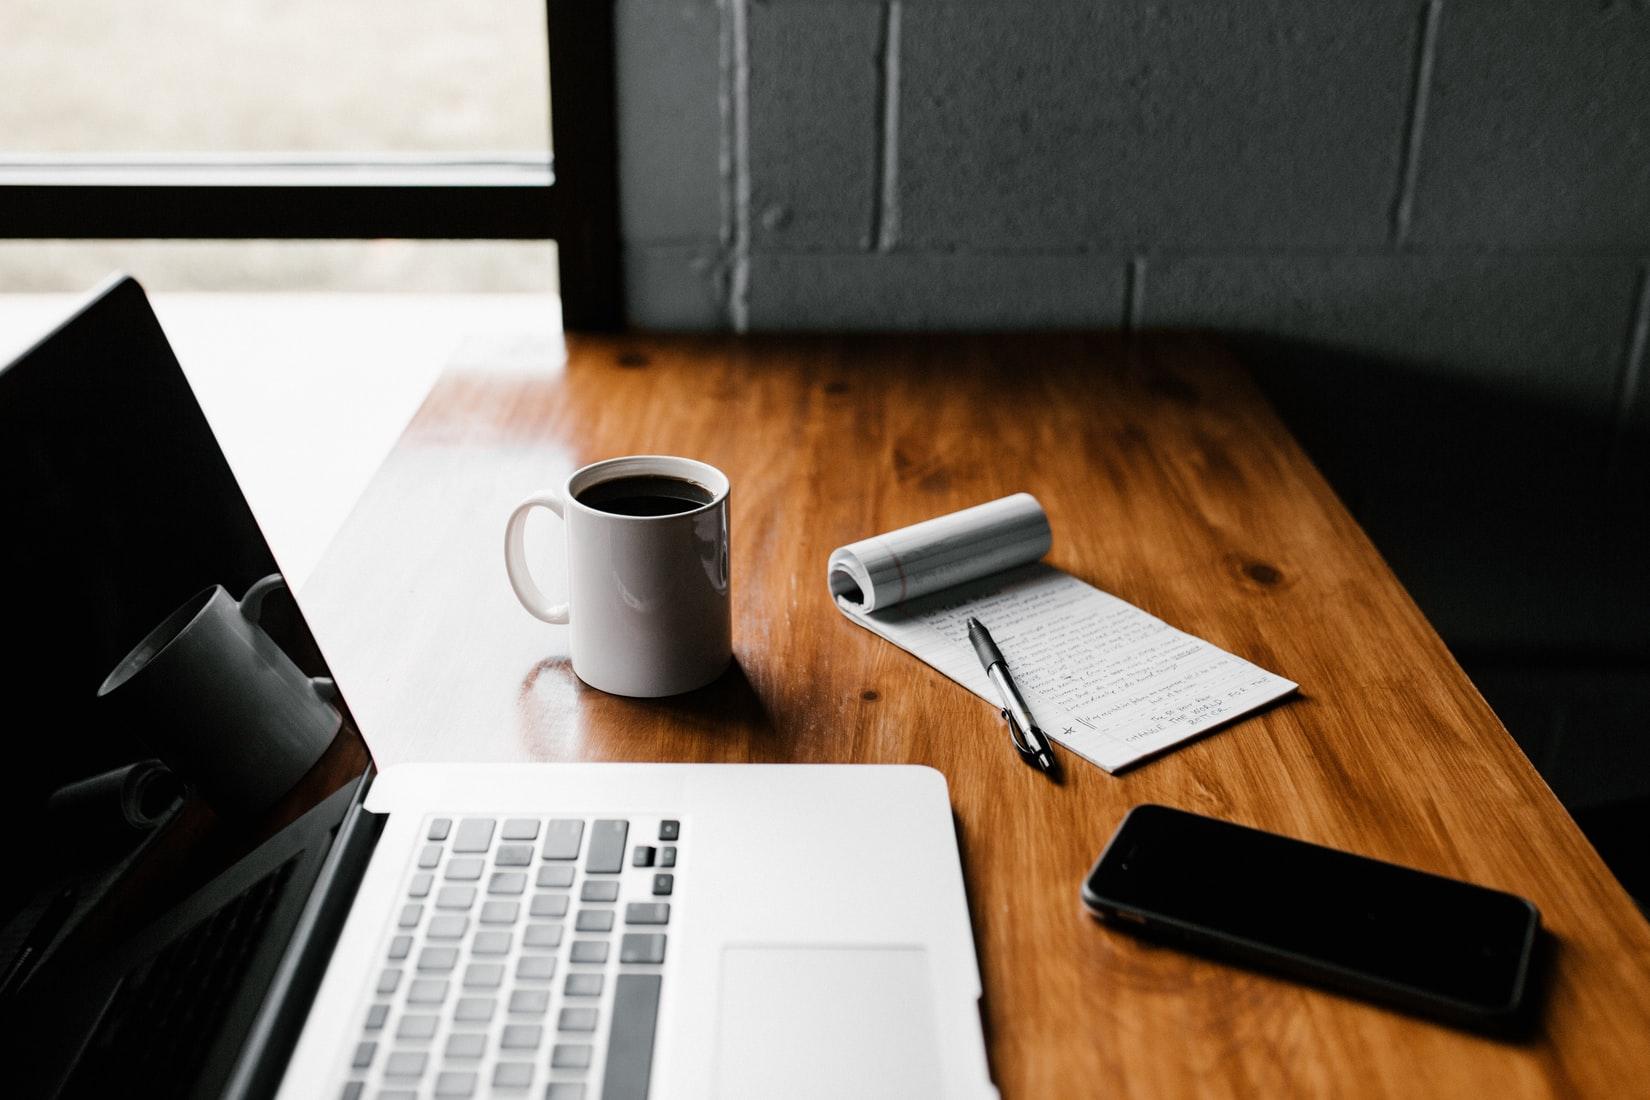 werk-laptop-lijstje